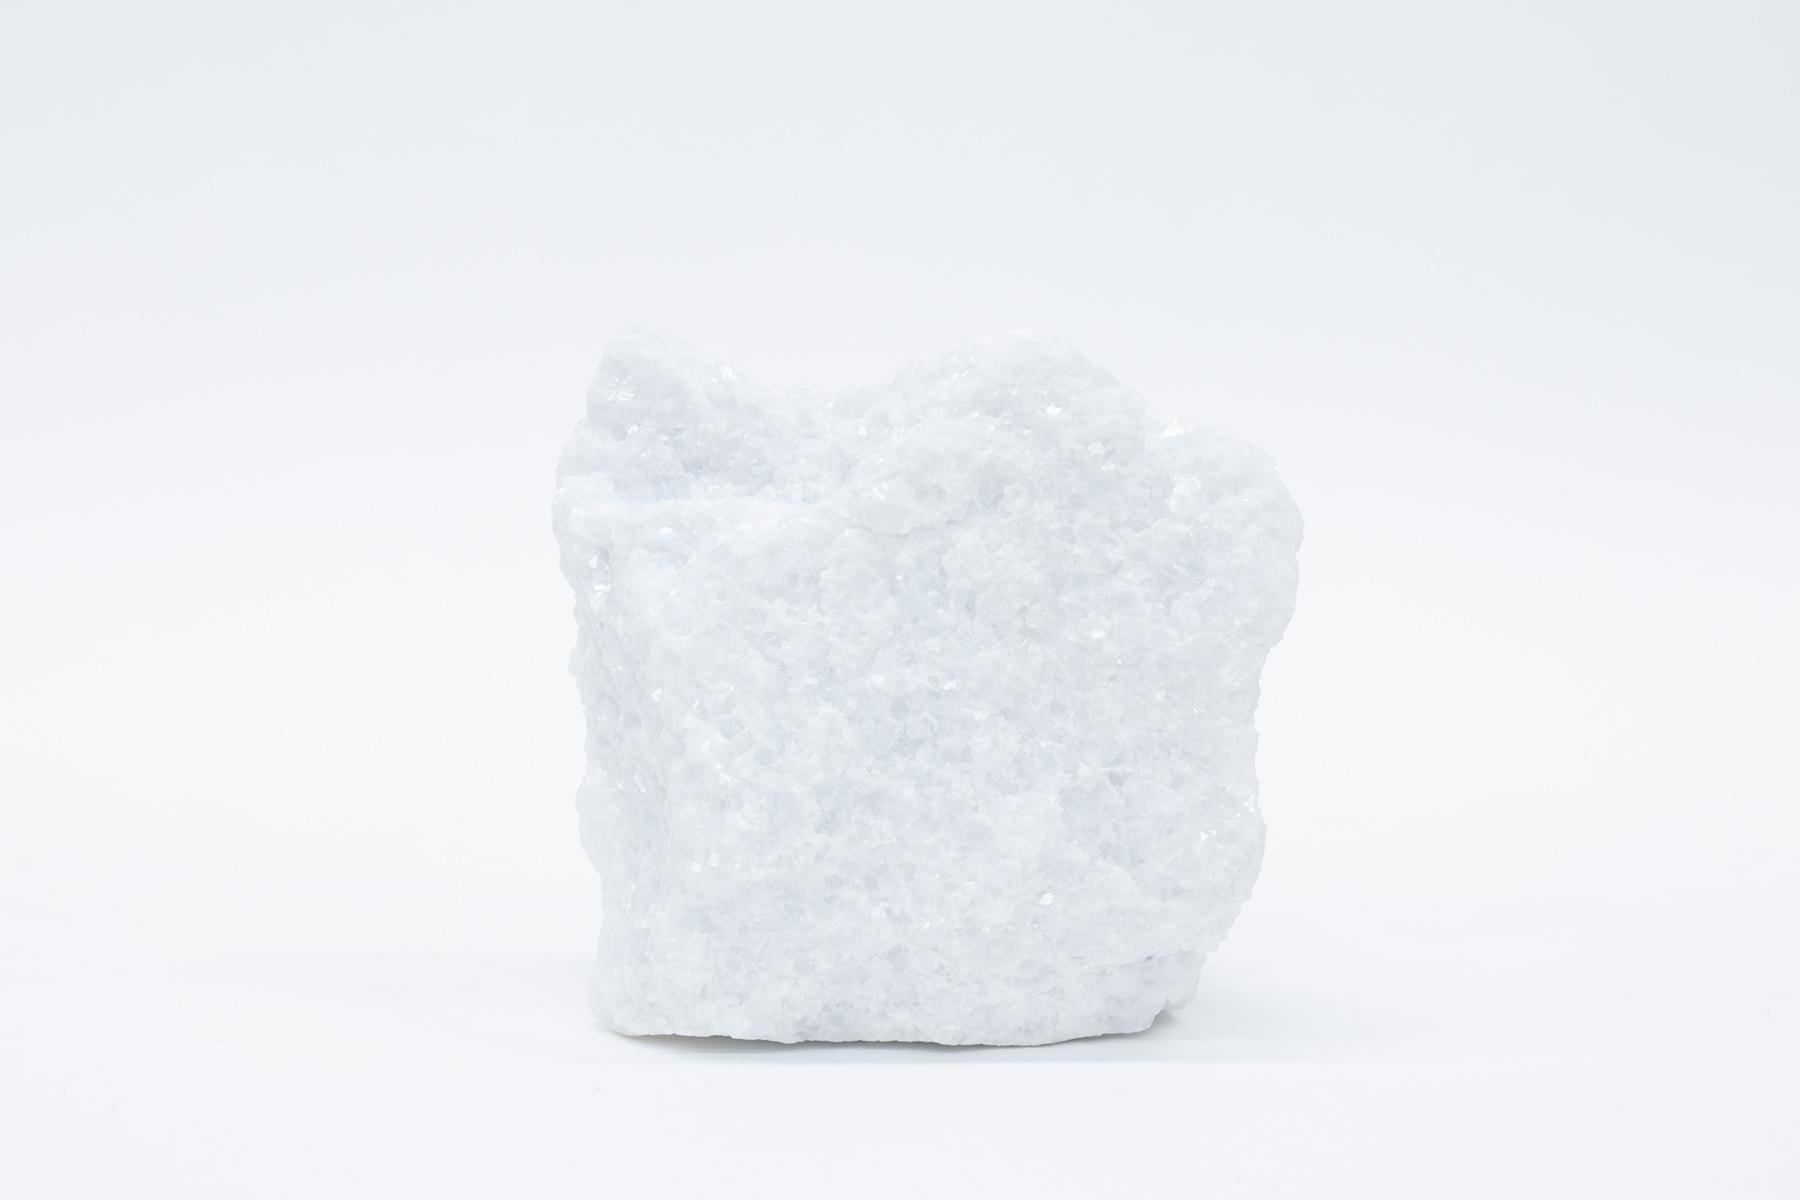 炭酸カルシウムの原料である国産石灰石